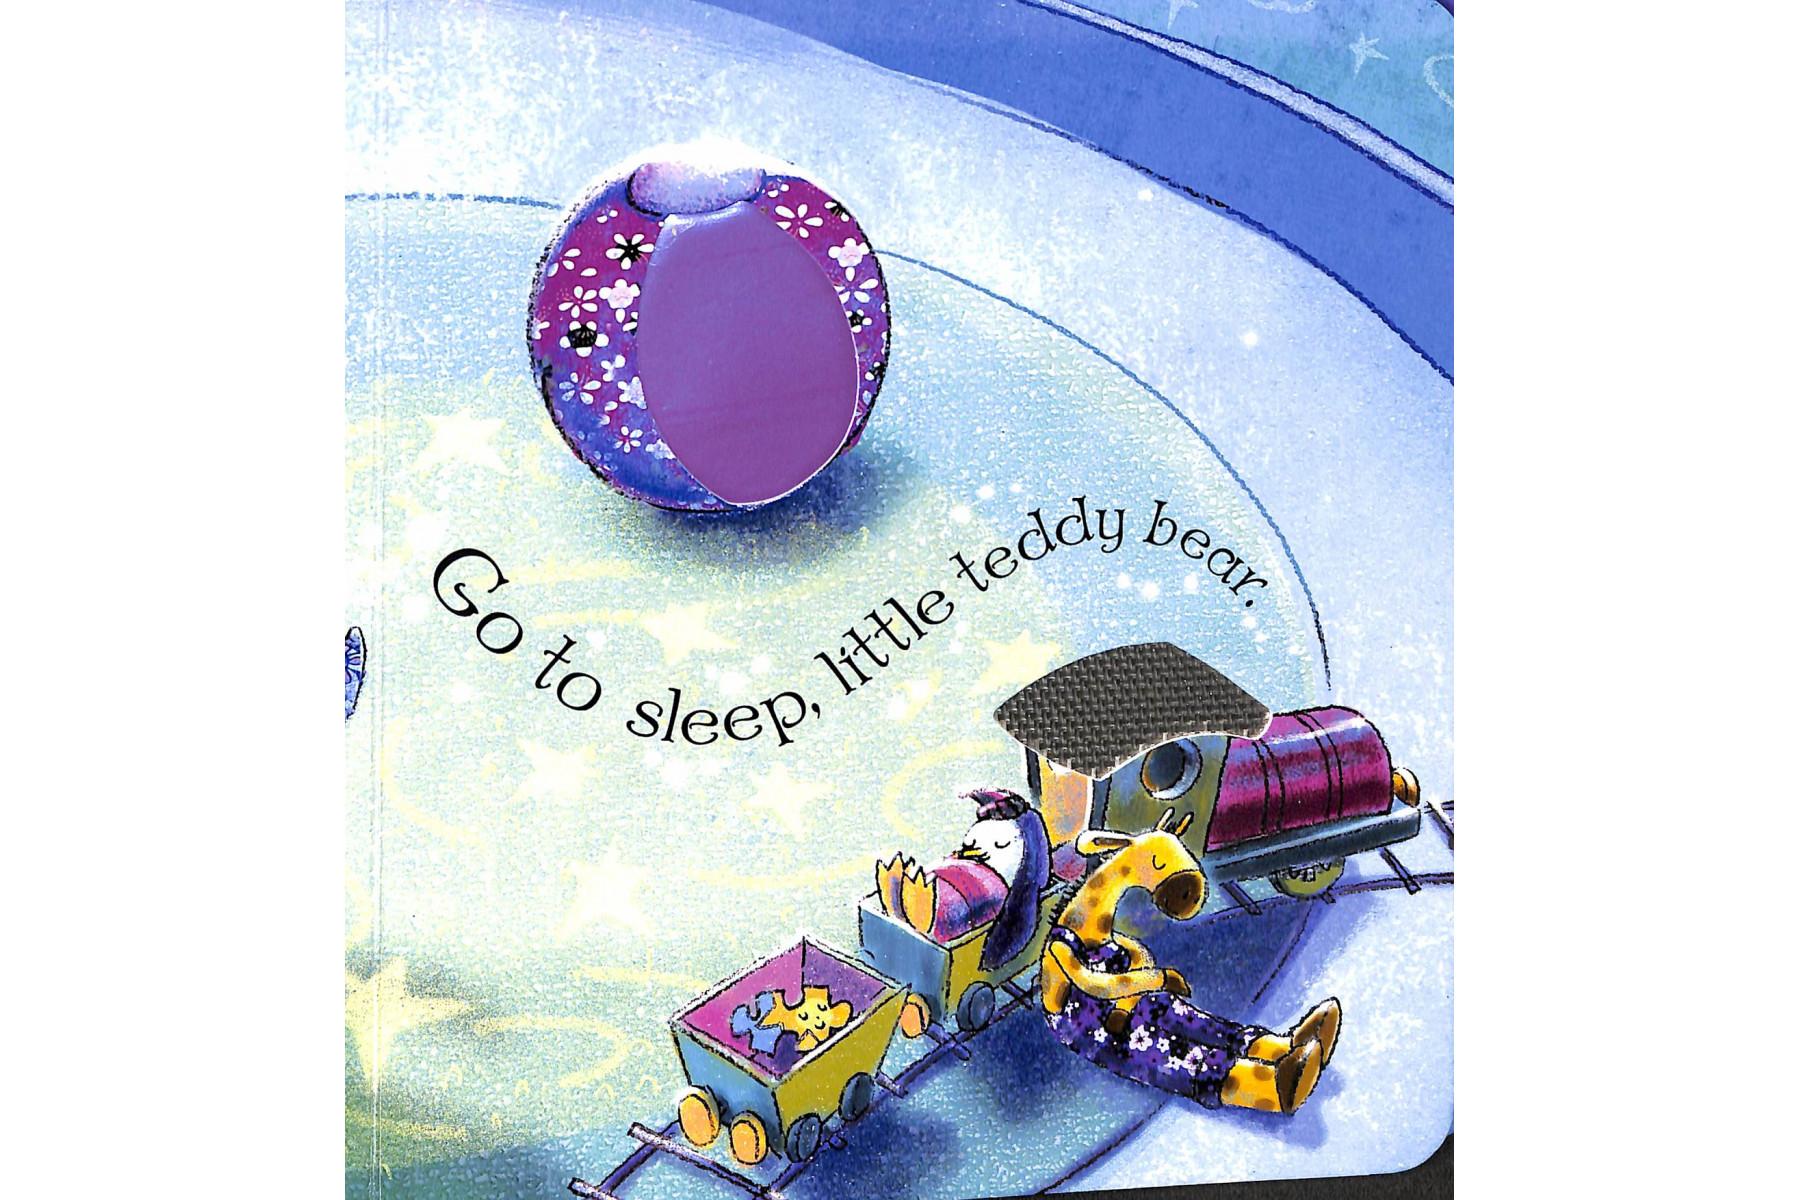 Go to Sleep Little Baby